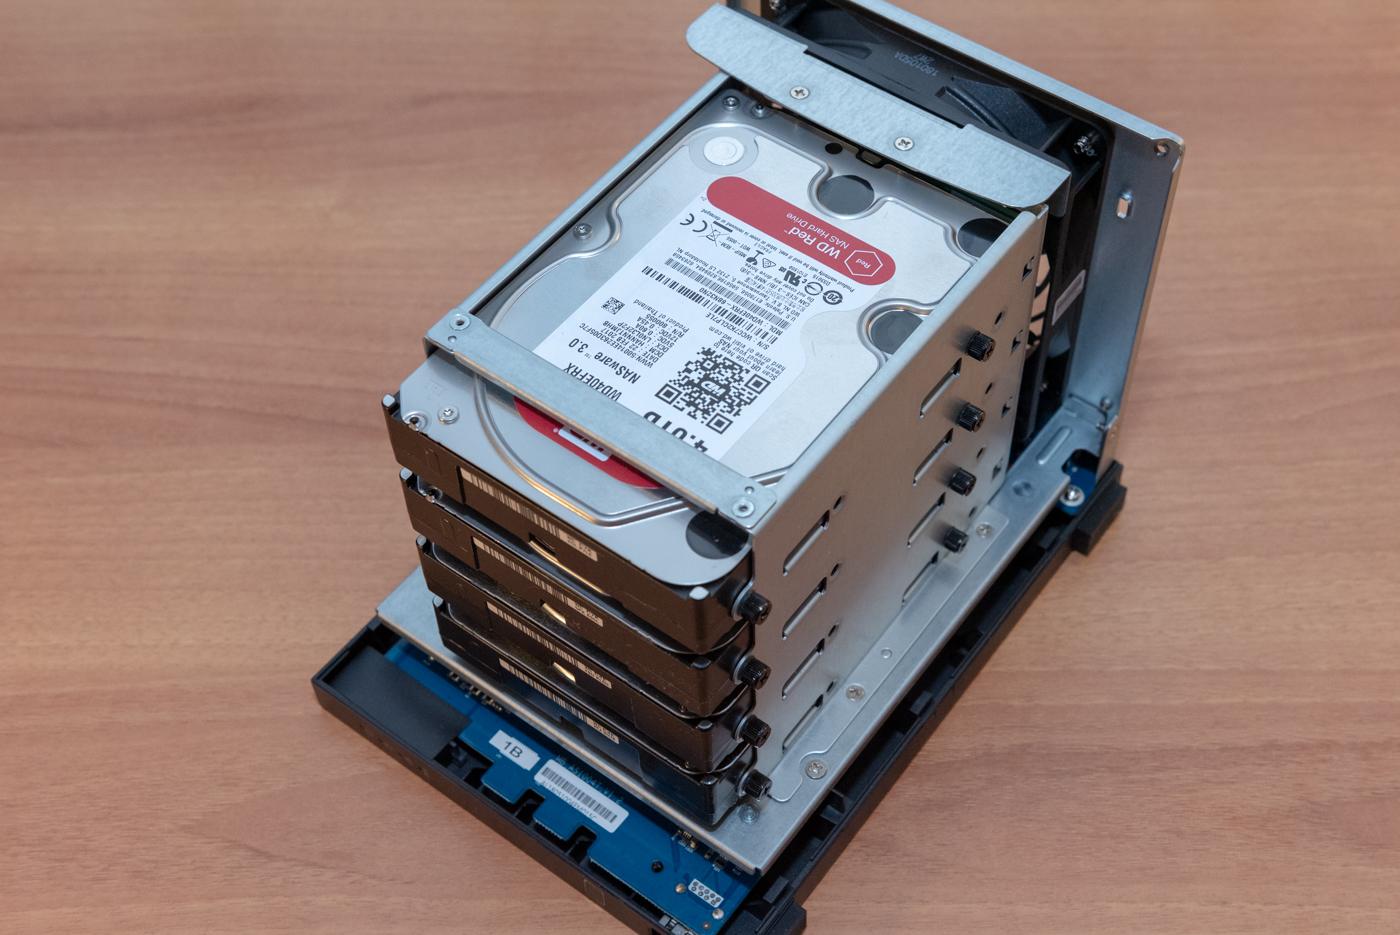 ASUSTOR AS1400T v2 hard disk test performance